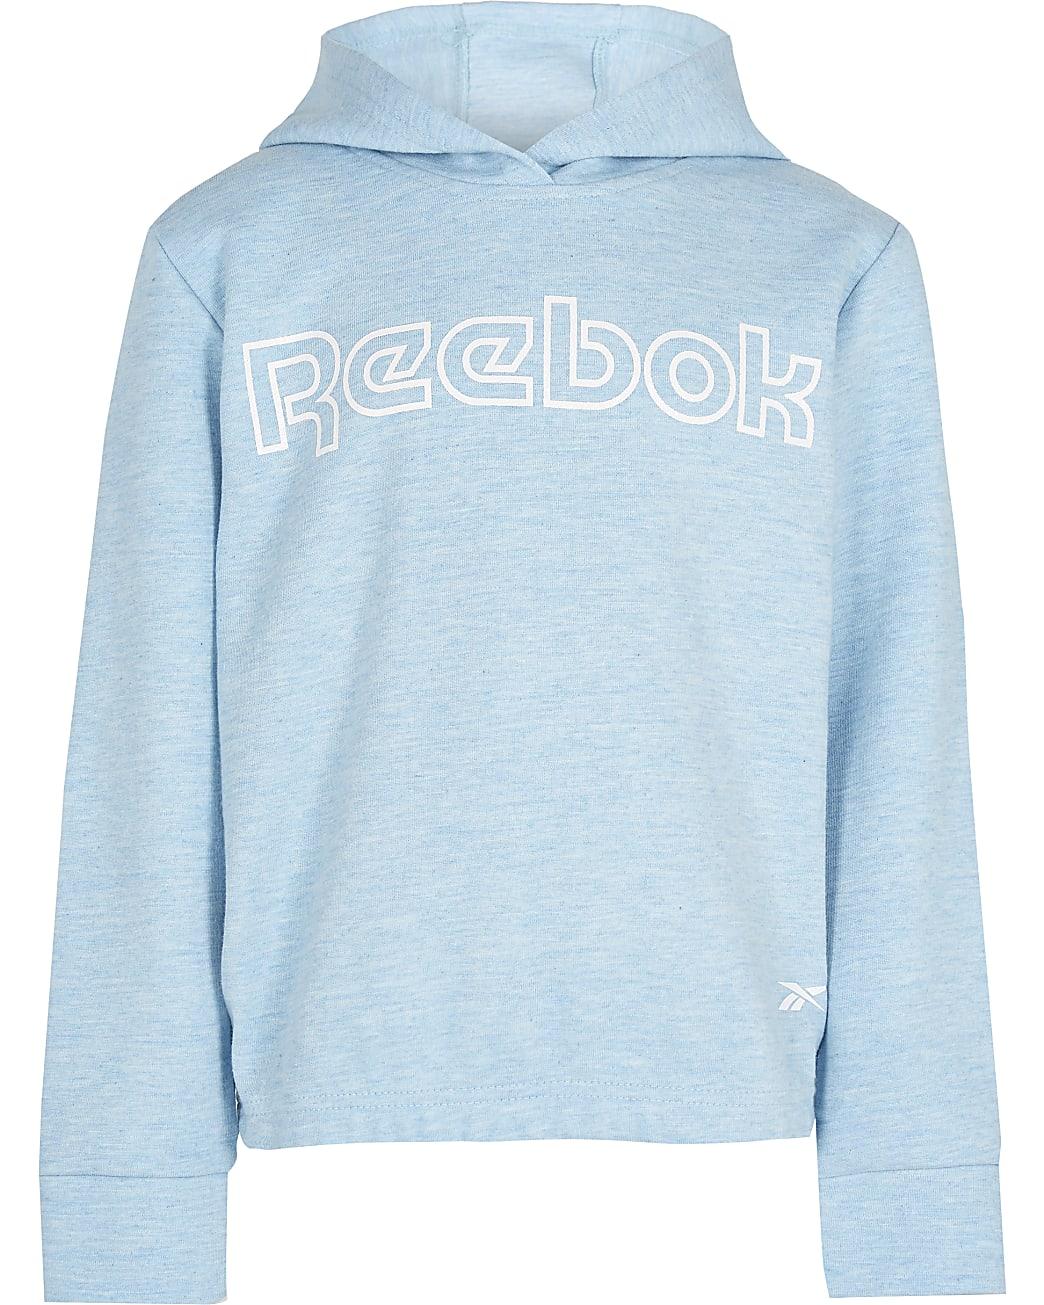 Girls blue Reebok hoodie